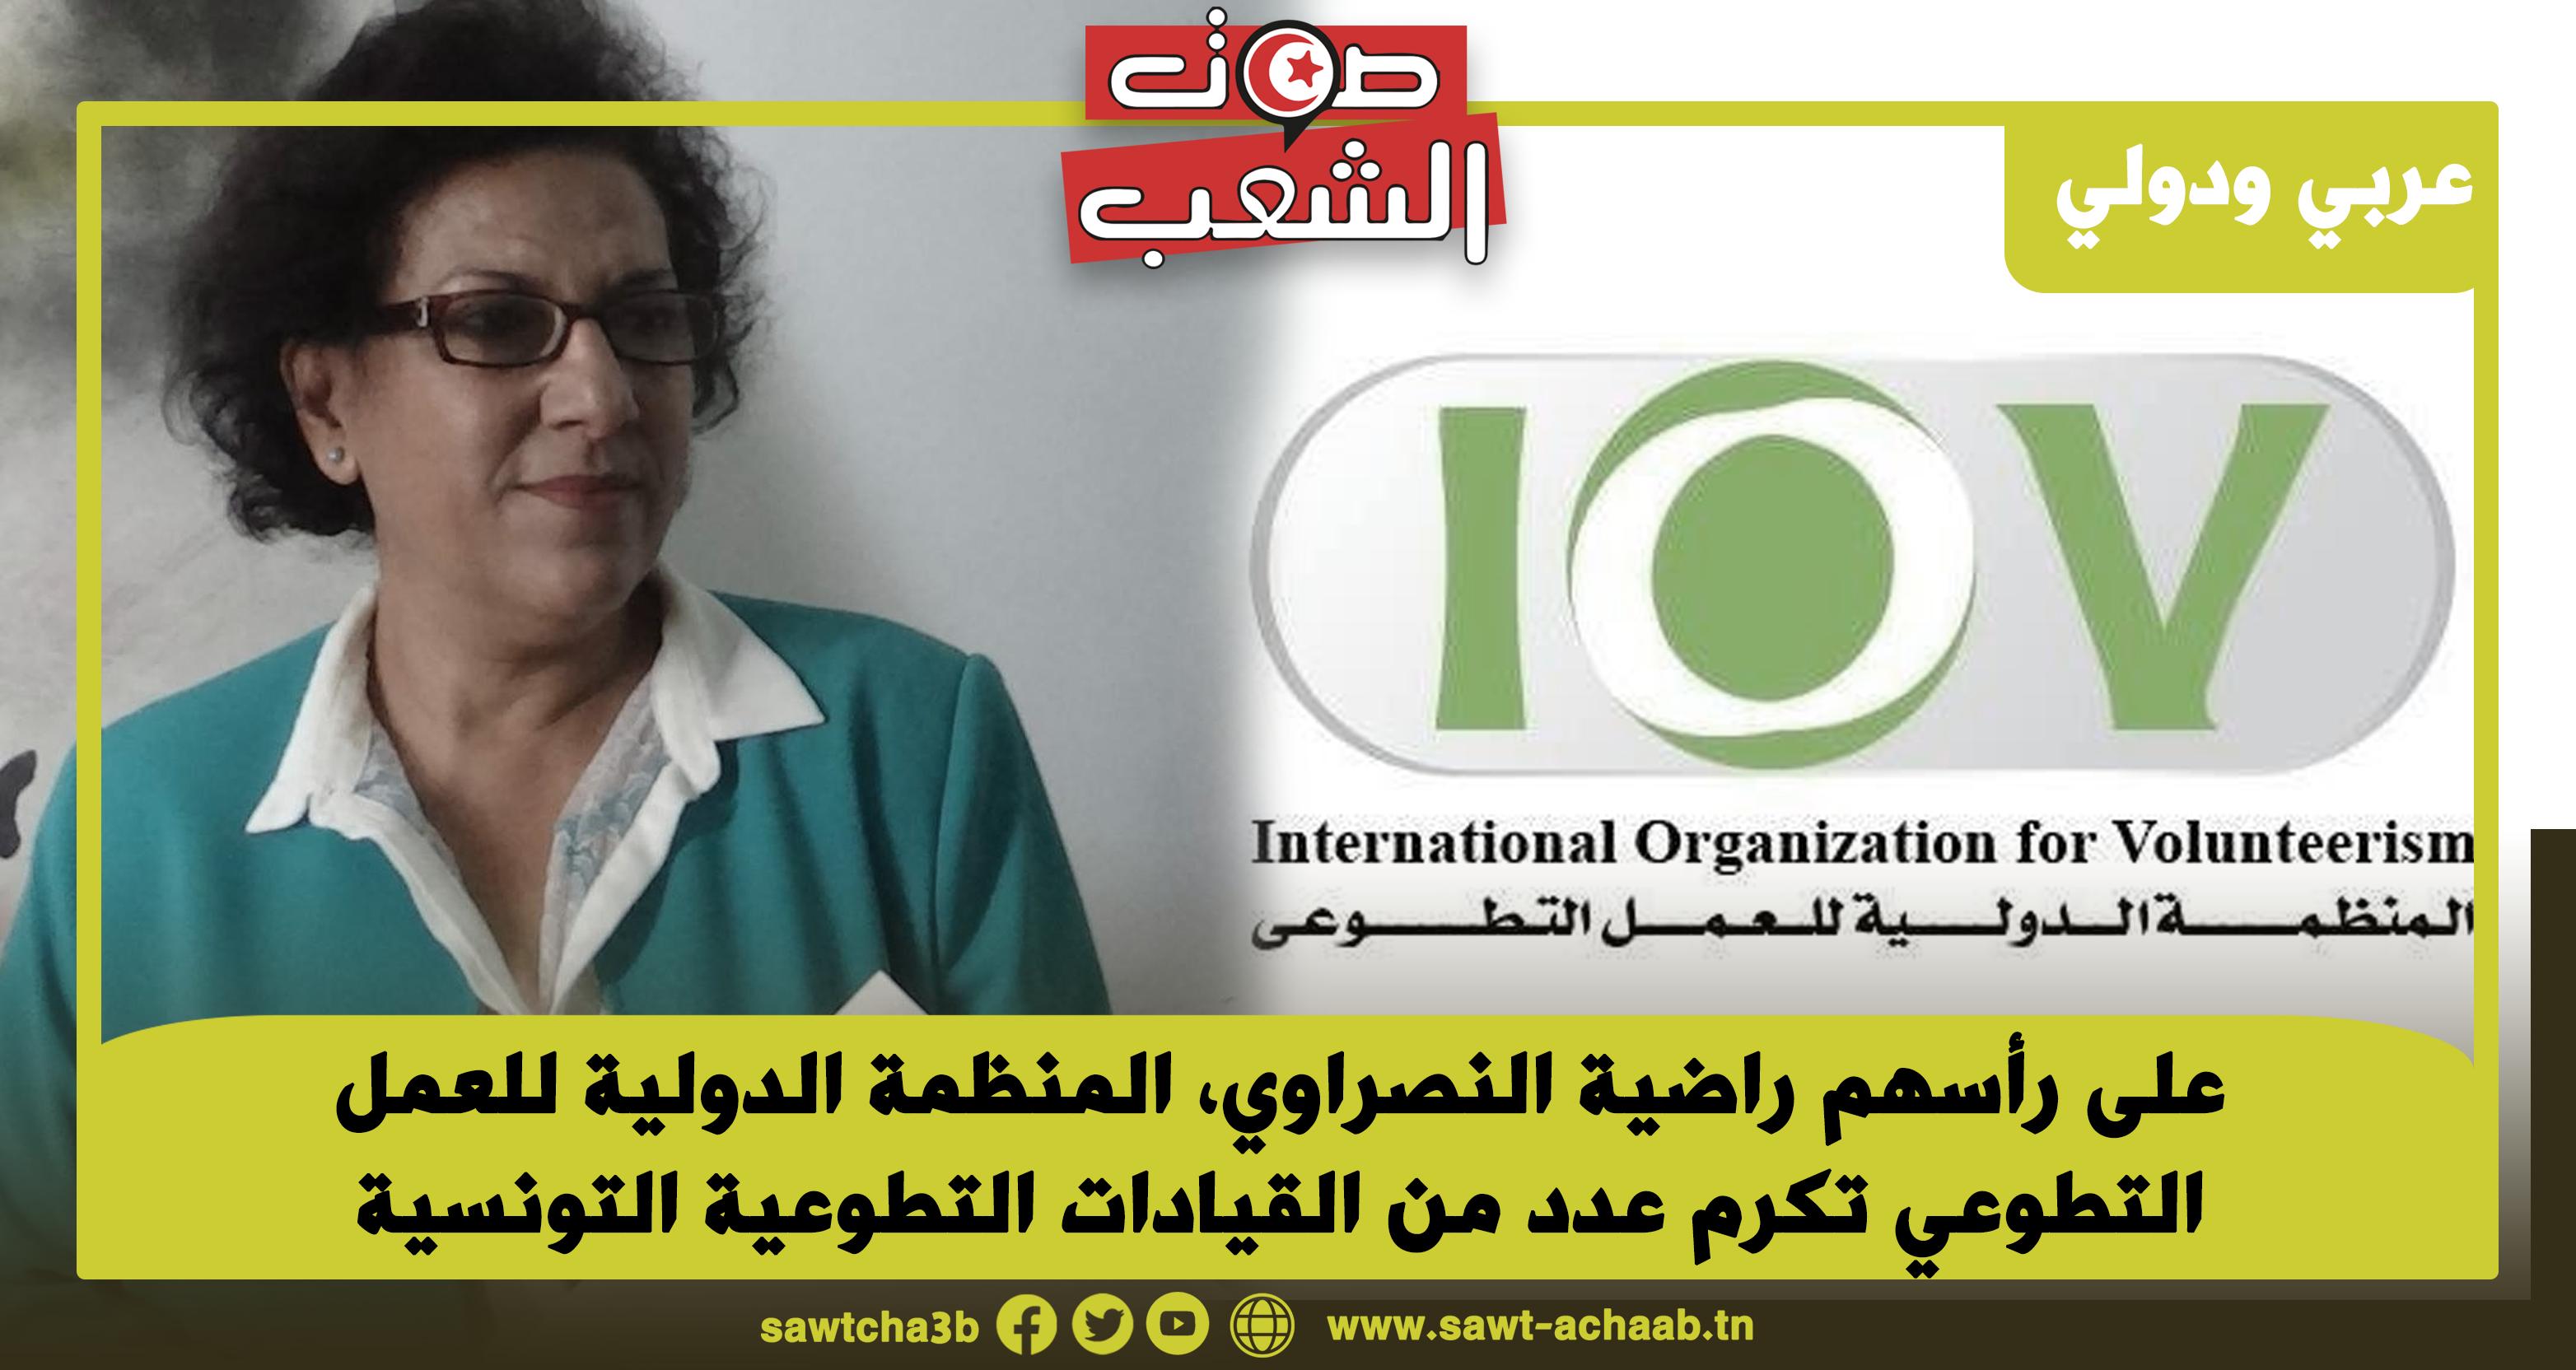 على رأسهم راضية النصراوي، المنظمة الدولية للعمل التطوعي تكرم عدد من القيادات التطوعية التونسية